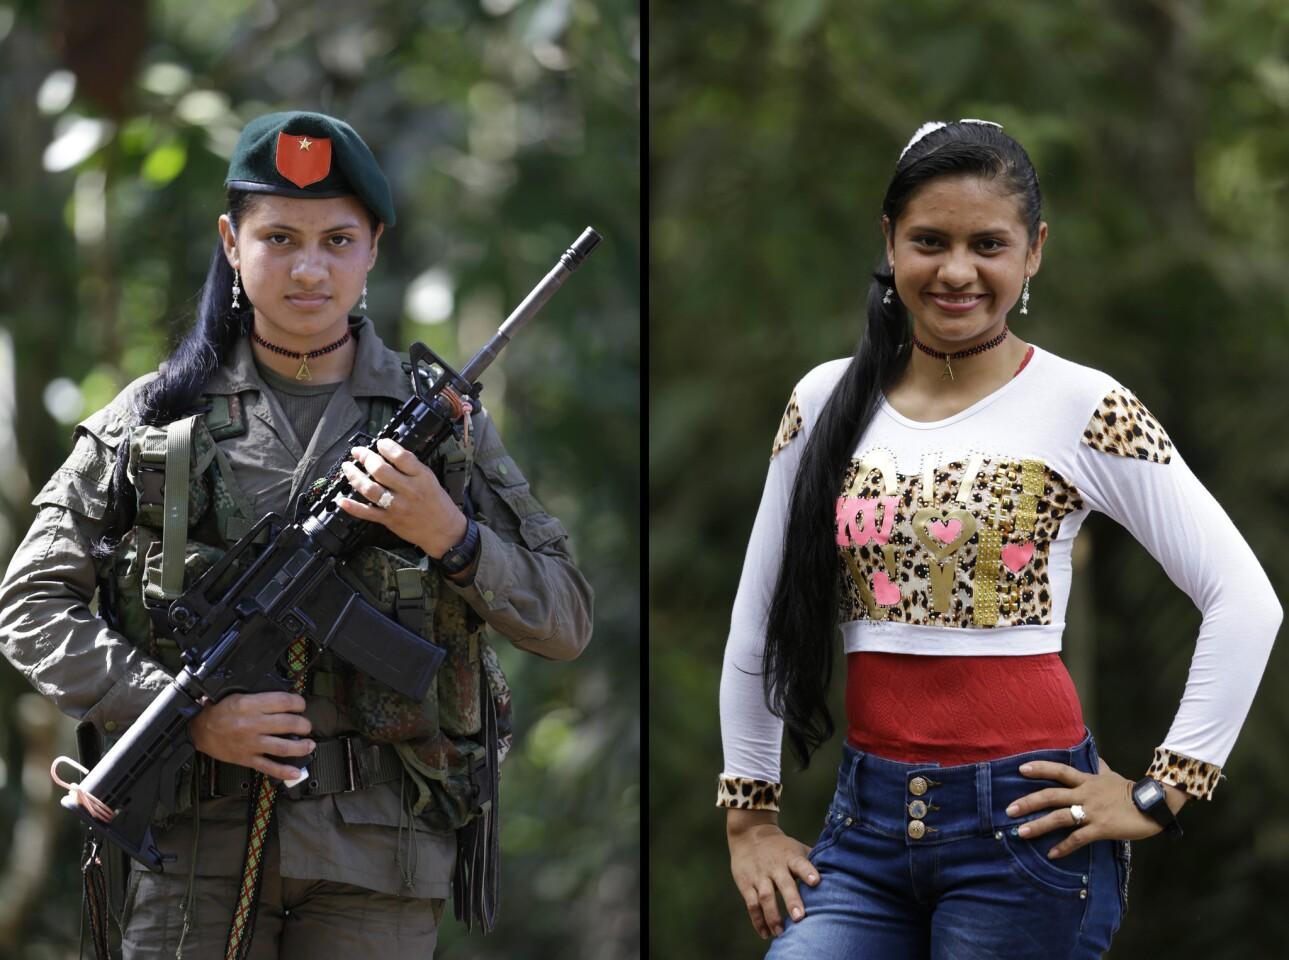 En esta imagen, dos imágenes de Yiceth, una sosteniendo un arma y vestida con el uniforme de las Fuerzas Armadas Revolucionarias de Colombia (FARC), y otra con ropas civiles, en un campo de la guerrilla en Putumayo, Colombia. Yiceth, de 18 años, dice que lleva cuatro años en las FARC y que quiere terminar la educación secundaria para estudiar enfermería tras la desmovilización contemplada en el acuerdo de paz con el gobierno colombiano. (AP Foto/Fernando Vergara)